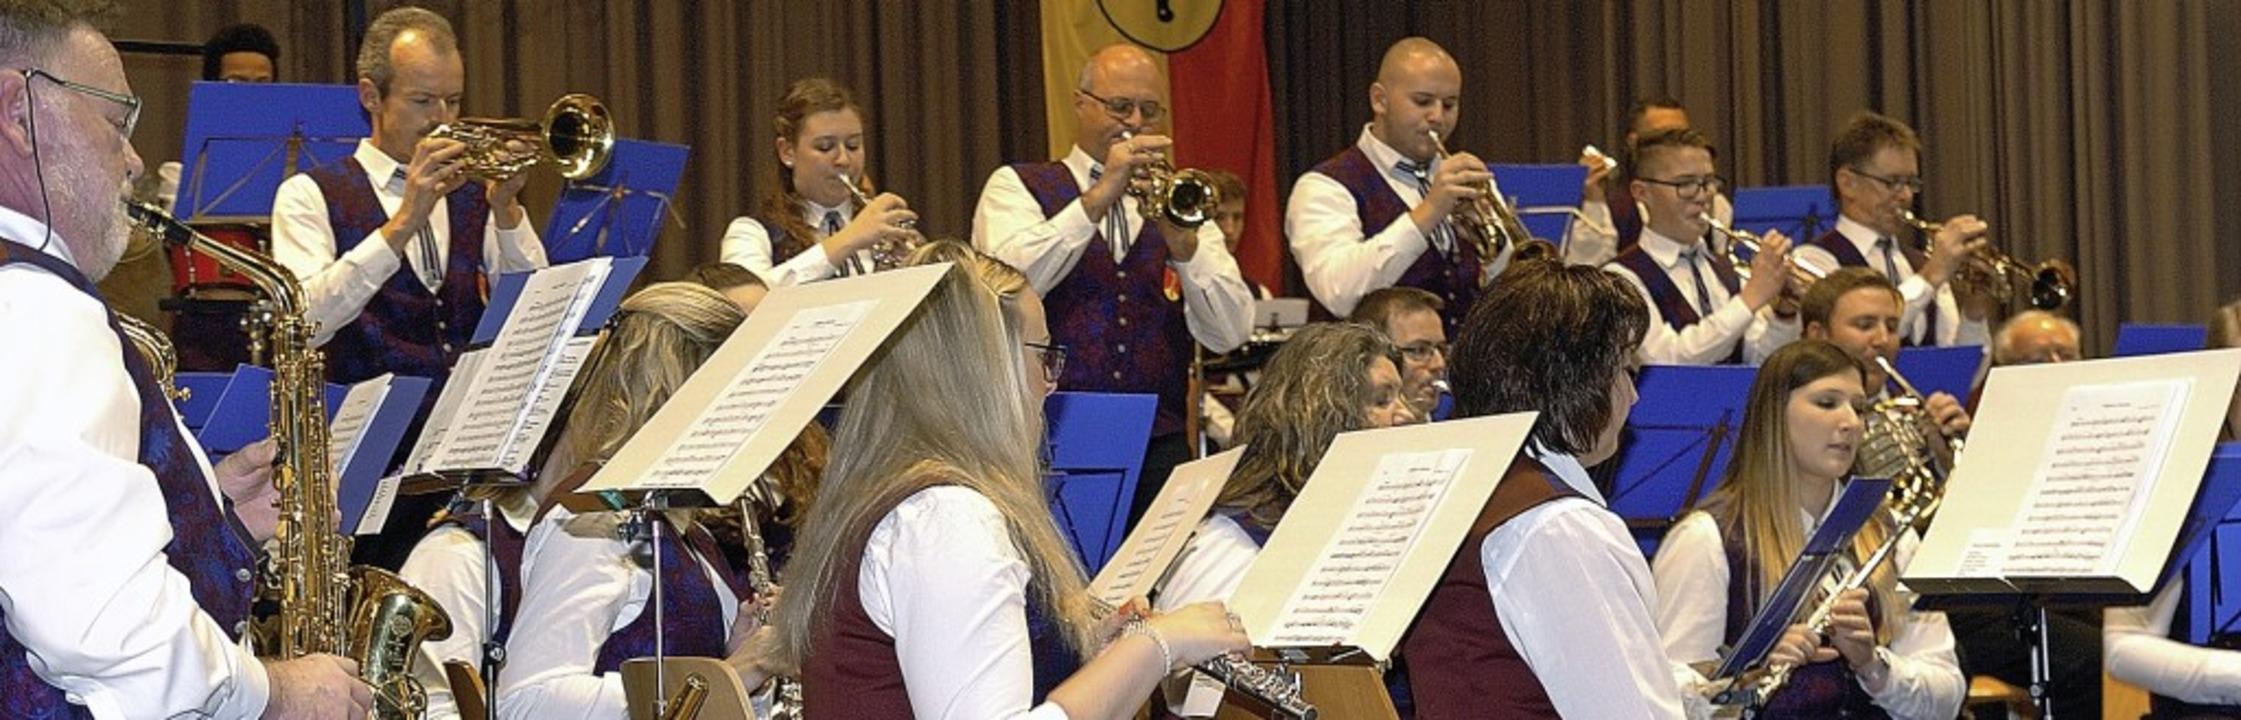 Der Musikverein Kiechlinsbergen in Akt...im Doppelkonzert in der Weinberghalle     Foto: Jürgen Schweizer